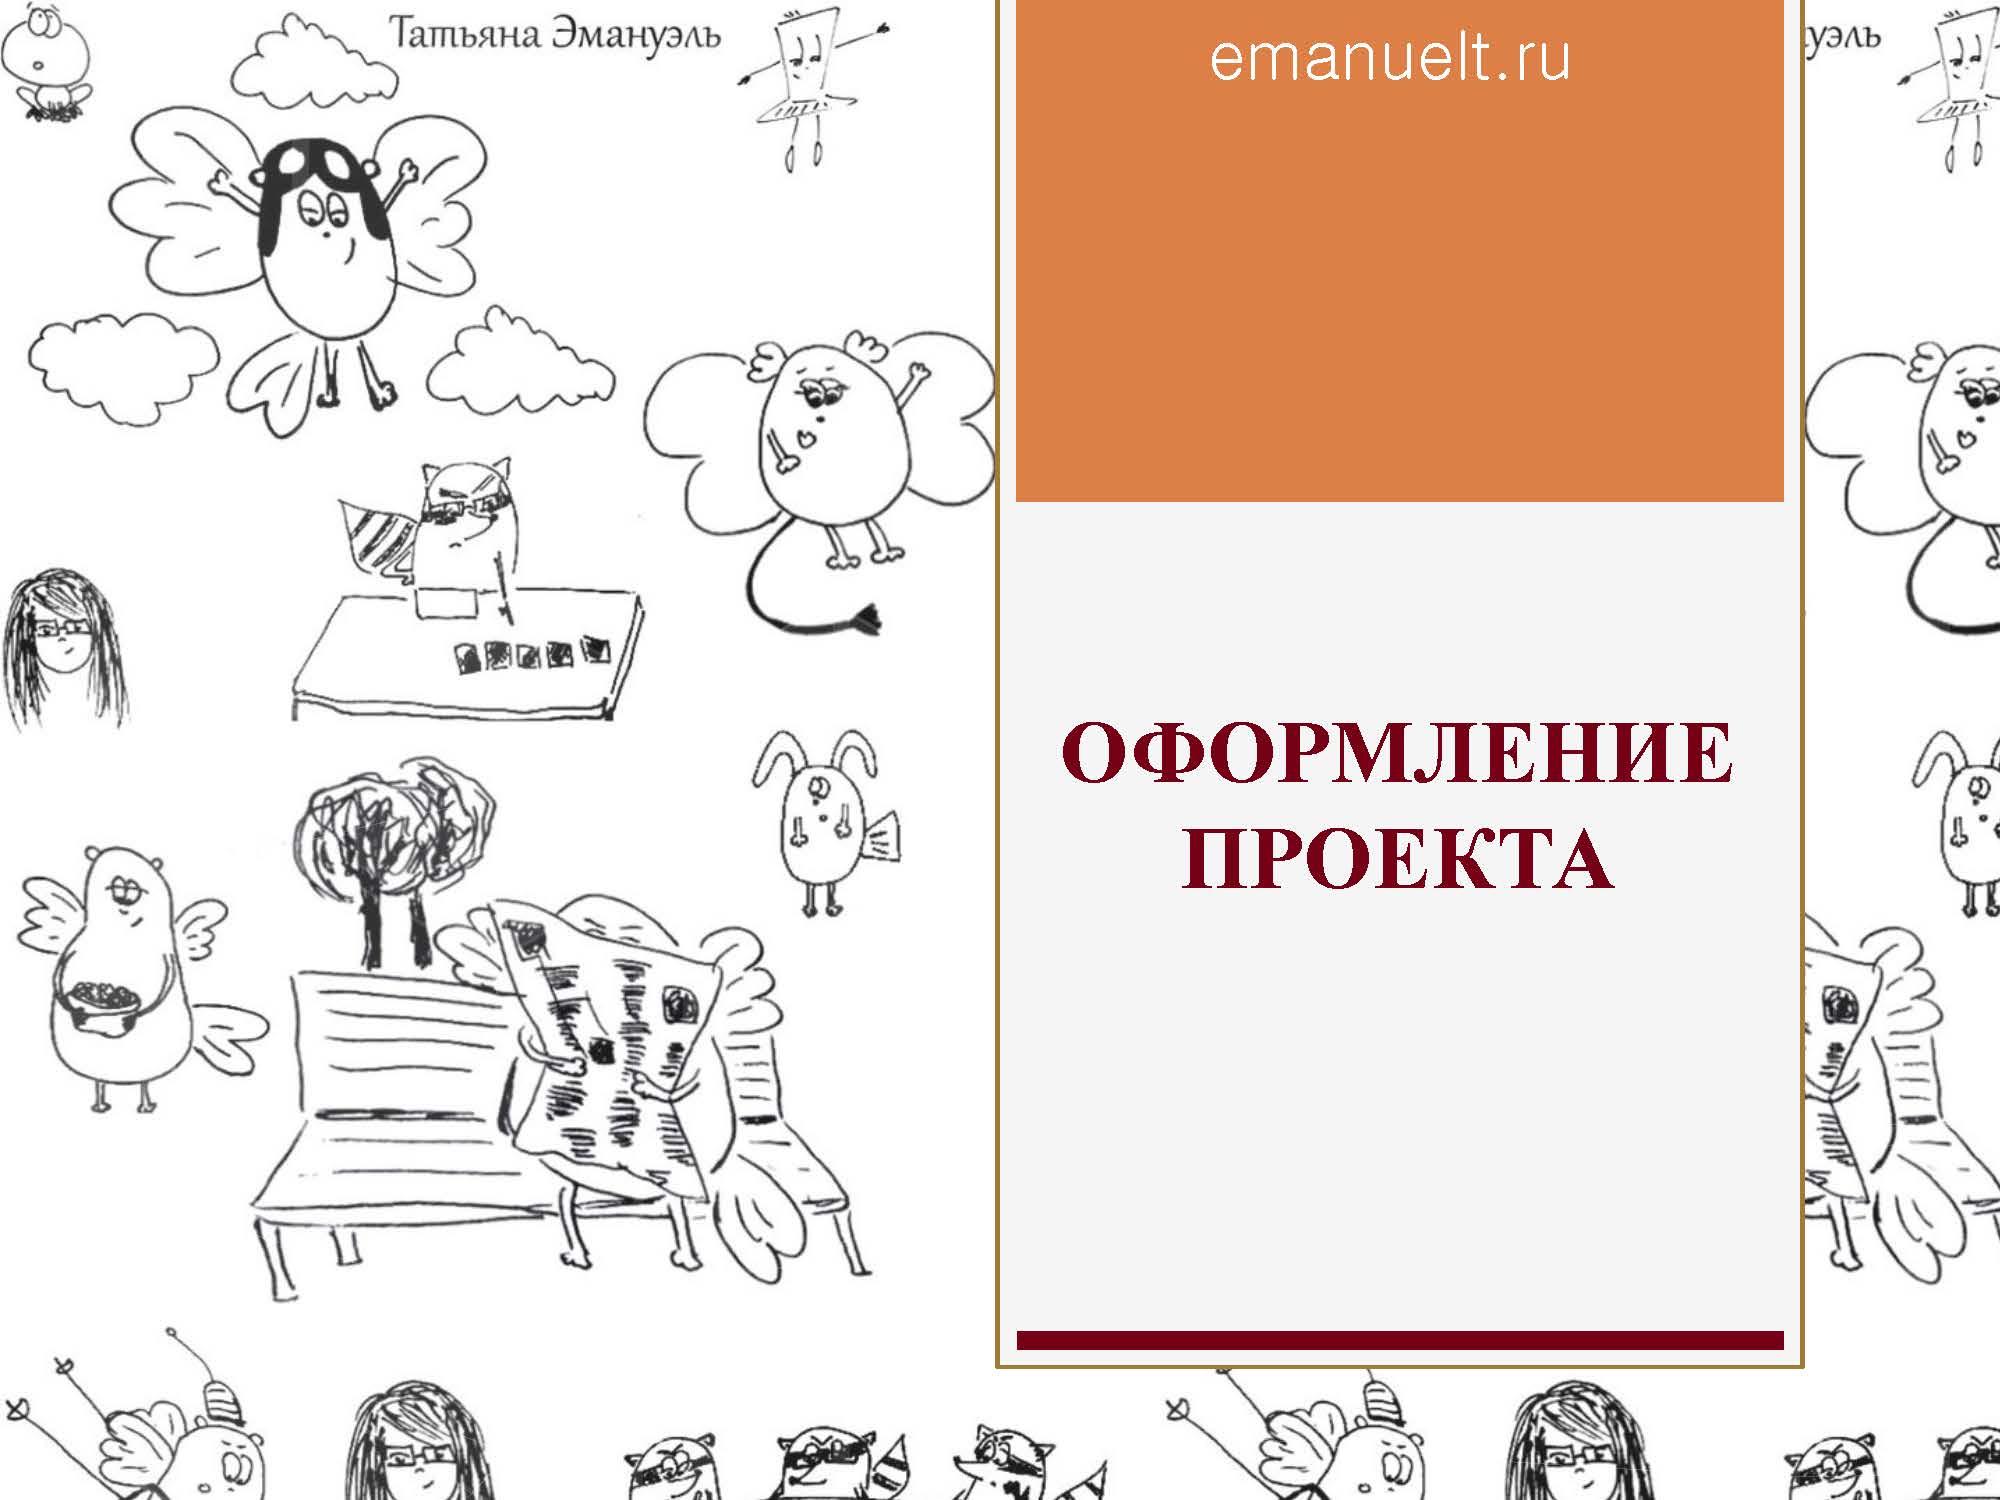 проектный эмануэль_Страница_17